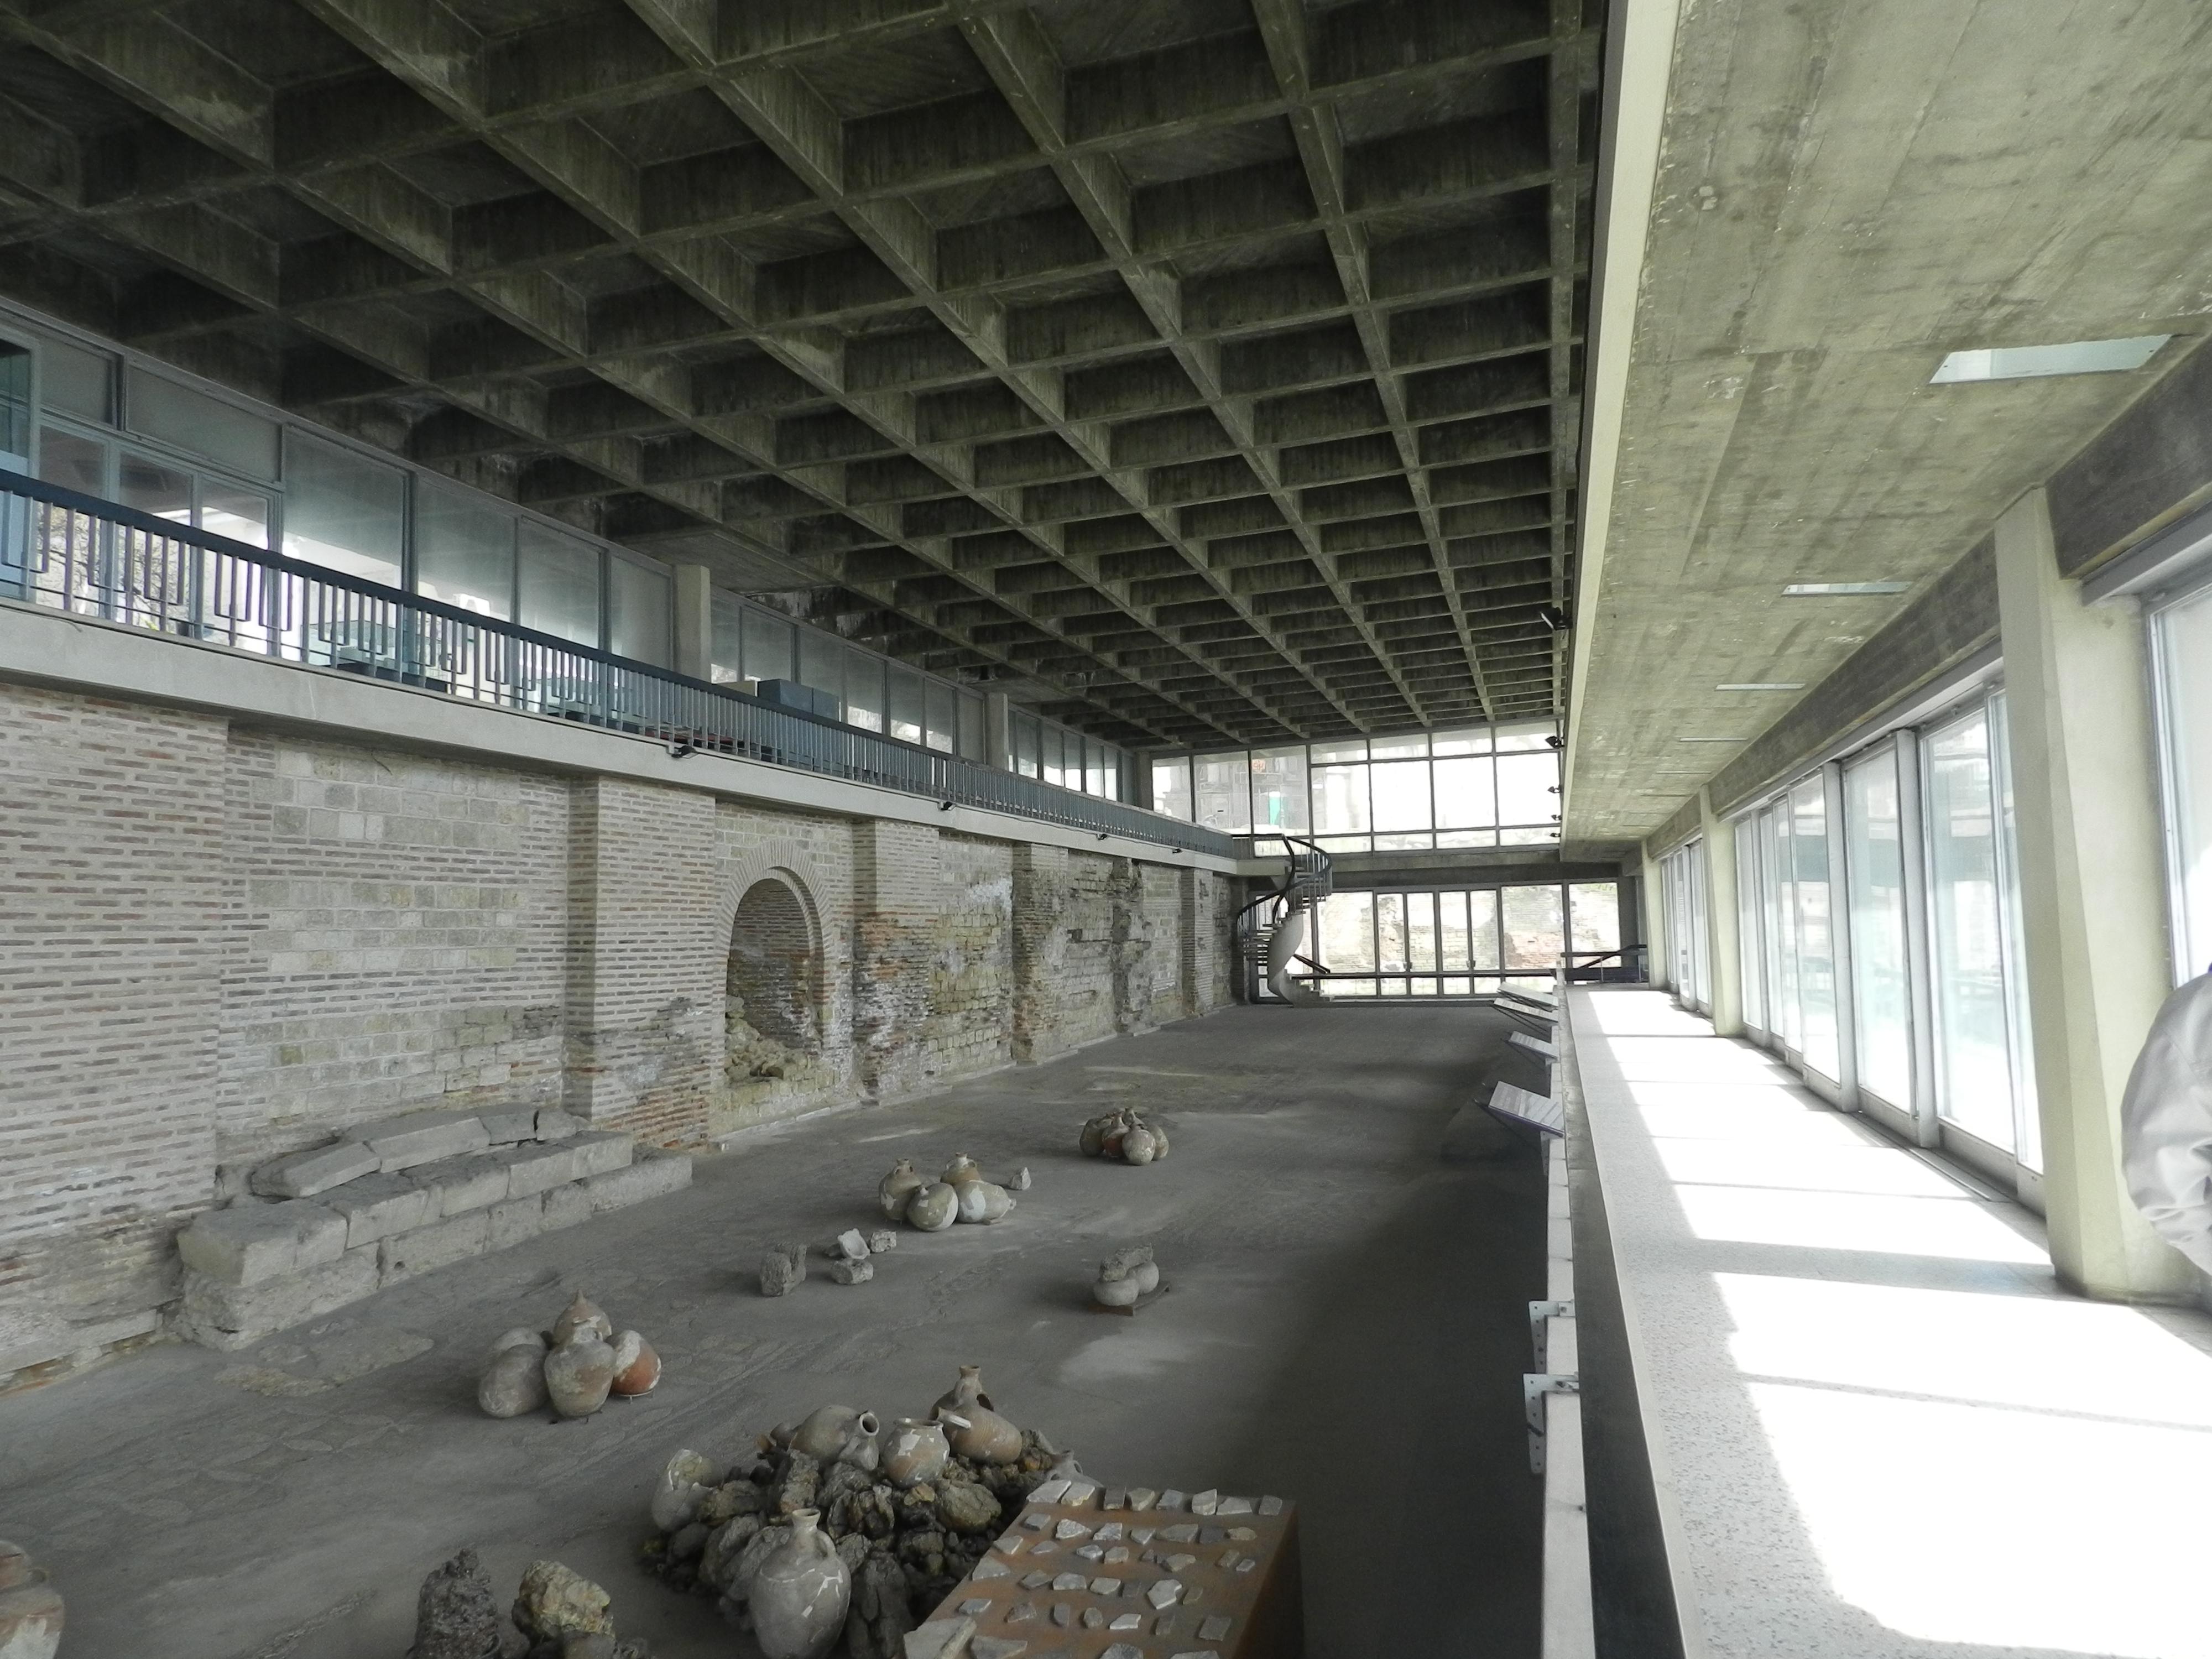 Constanța: Edificiul Roman cu Mozaic, monument din secolele II-IV,  este aproape de prăbușire. Consiliul Județean Constanța speră că va fi salvat cu fonduri europene 2